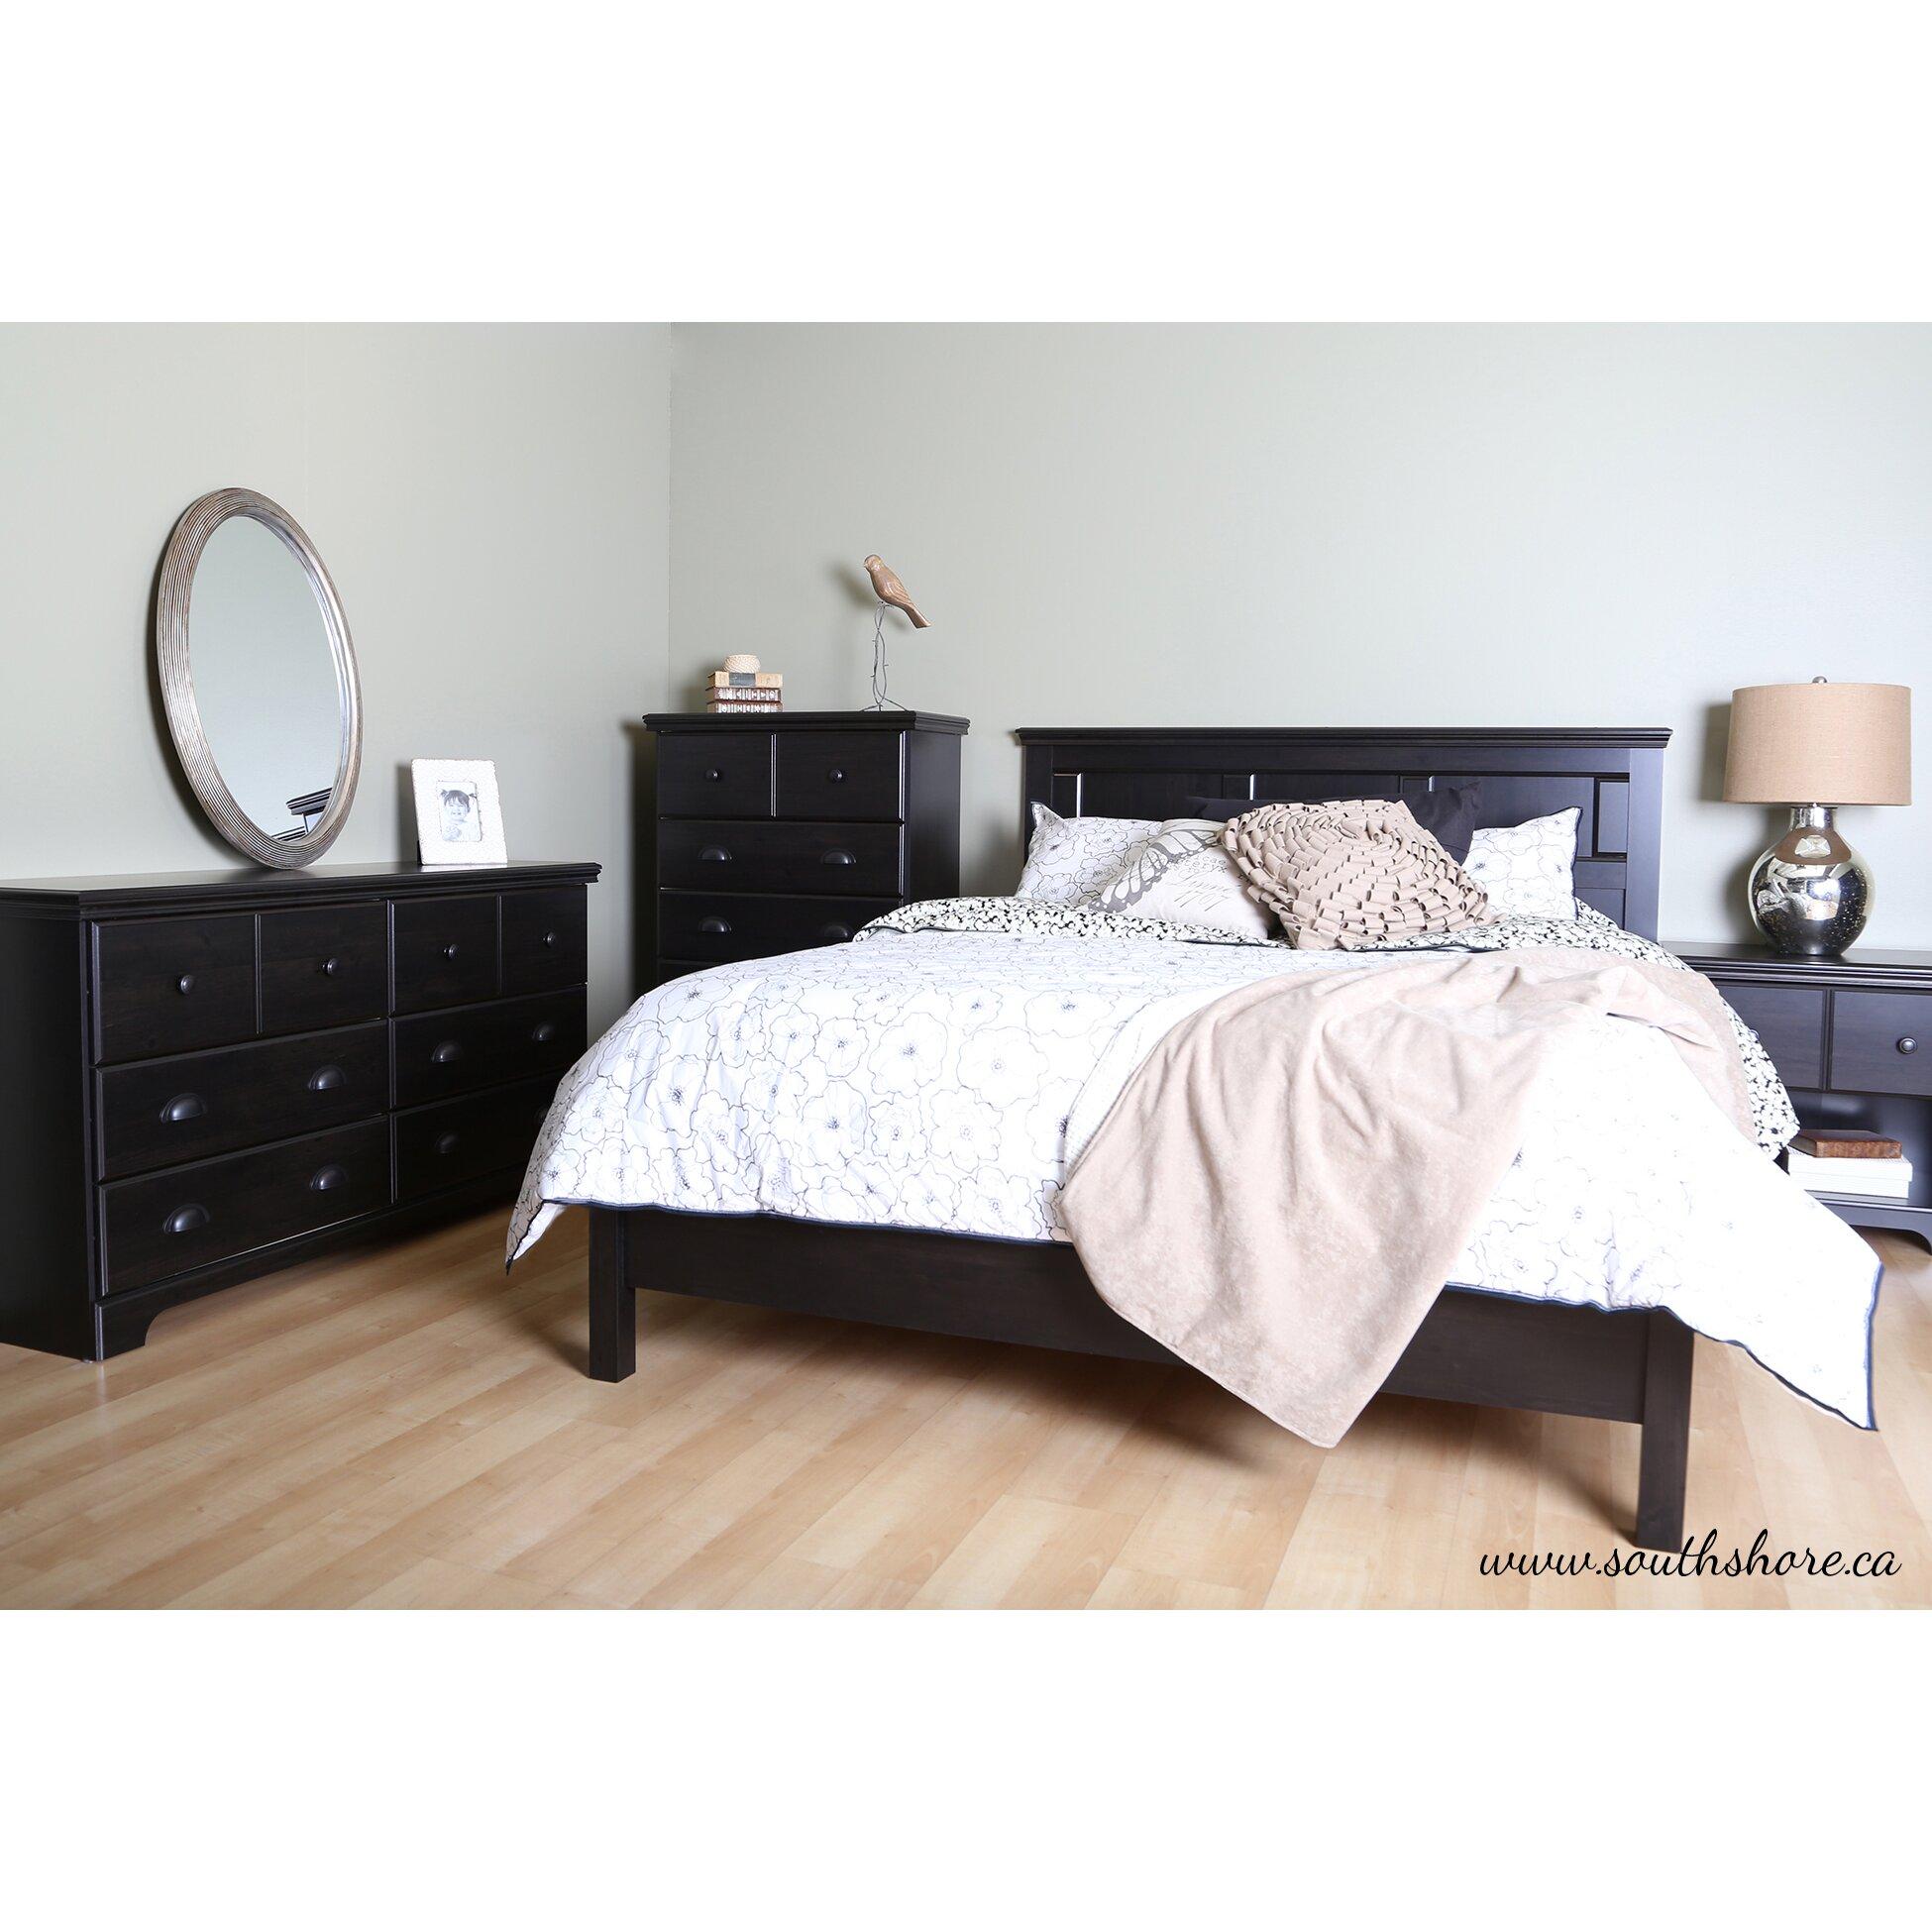 south shore worcester queen platform customizable bedroom